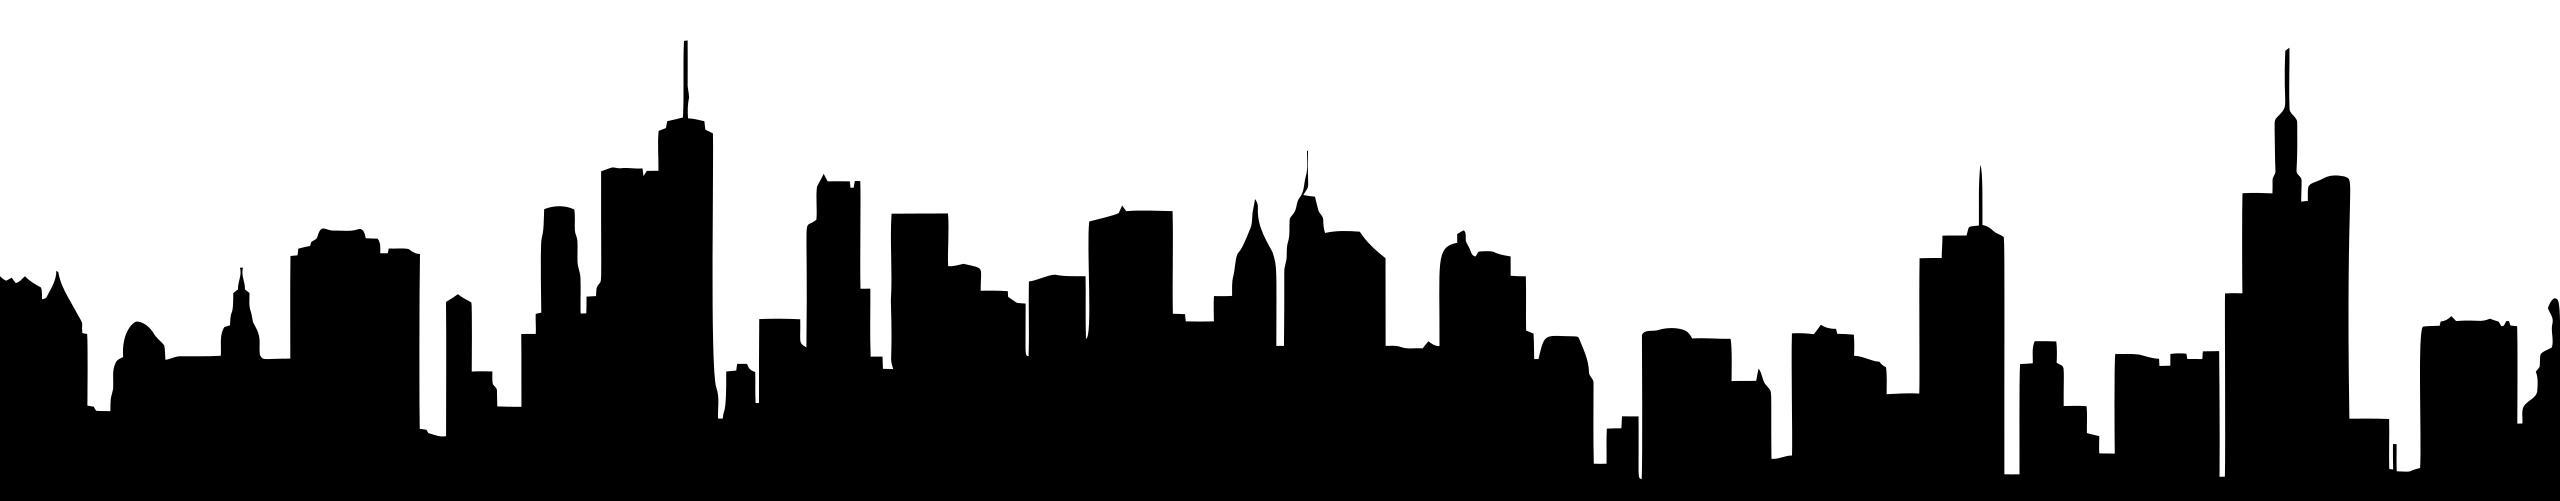 2560x501 Generic Cityscape Silhouette 3 Clipart